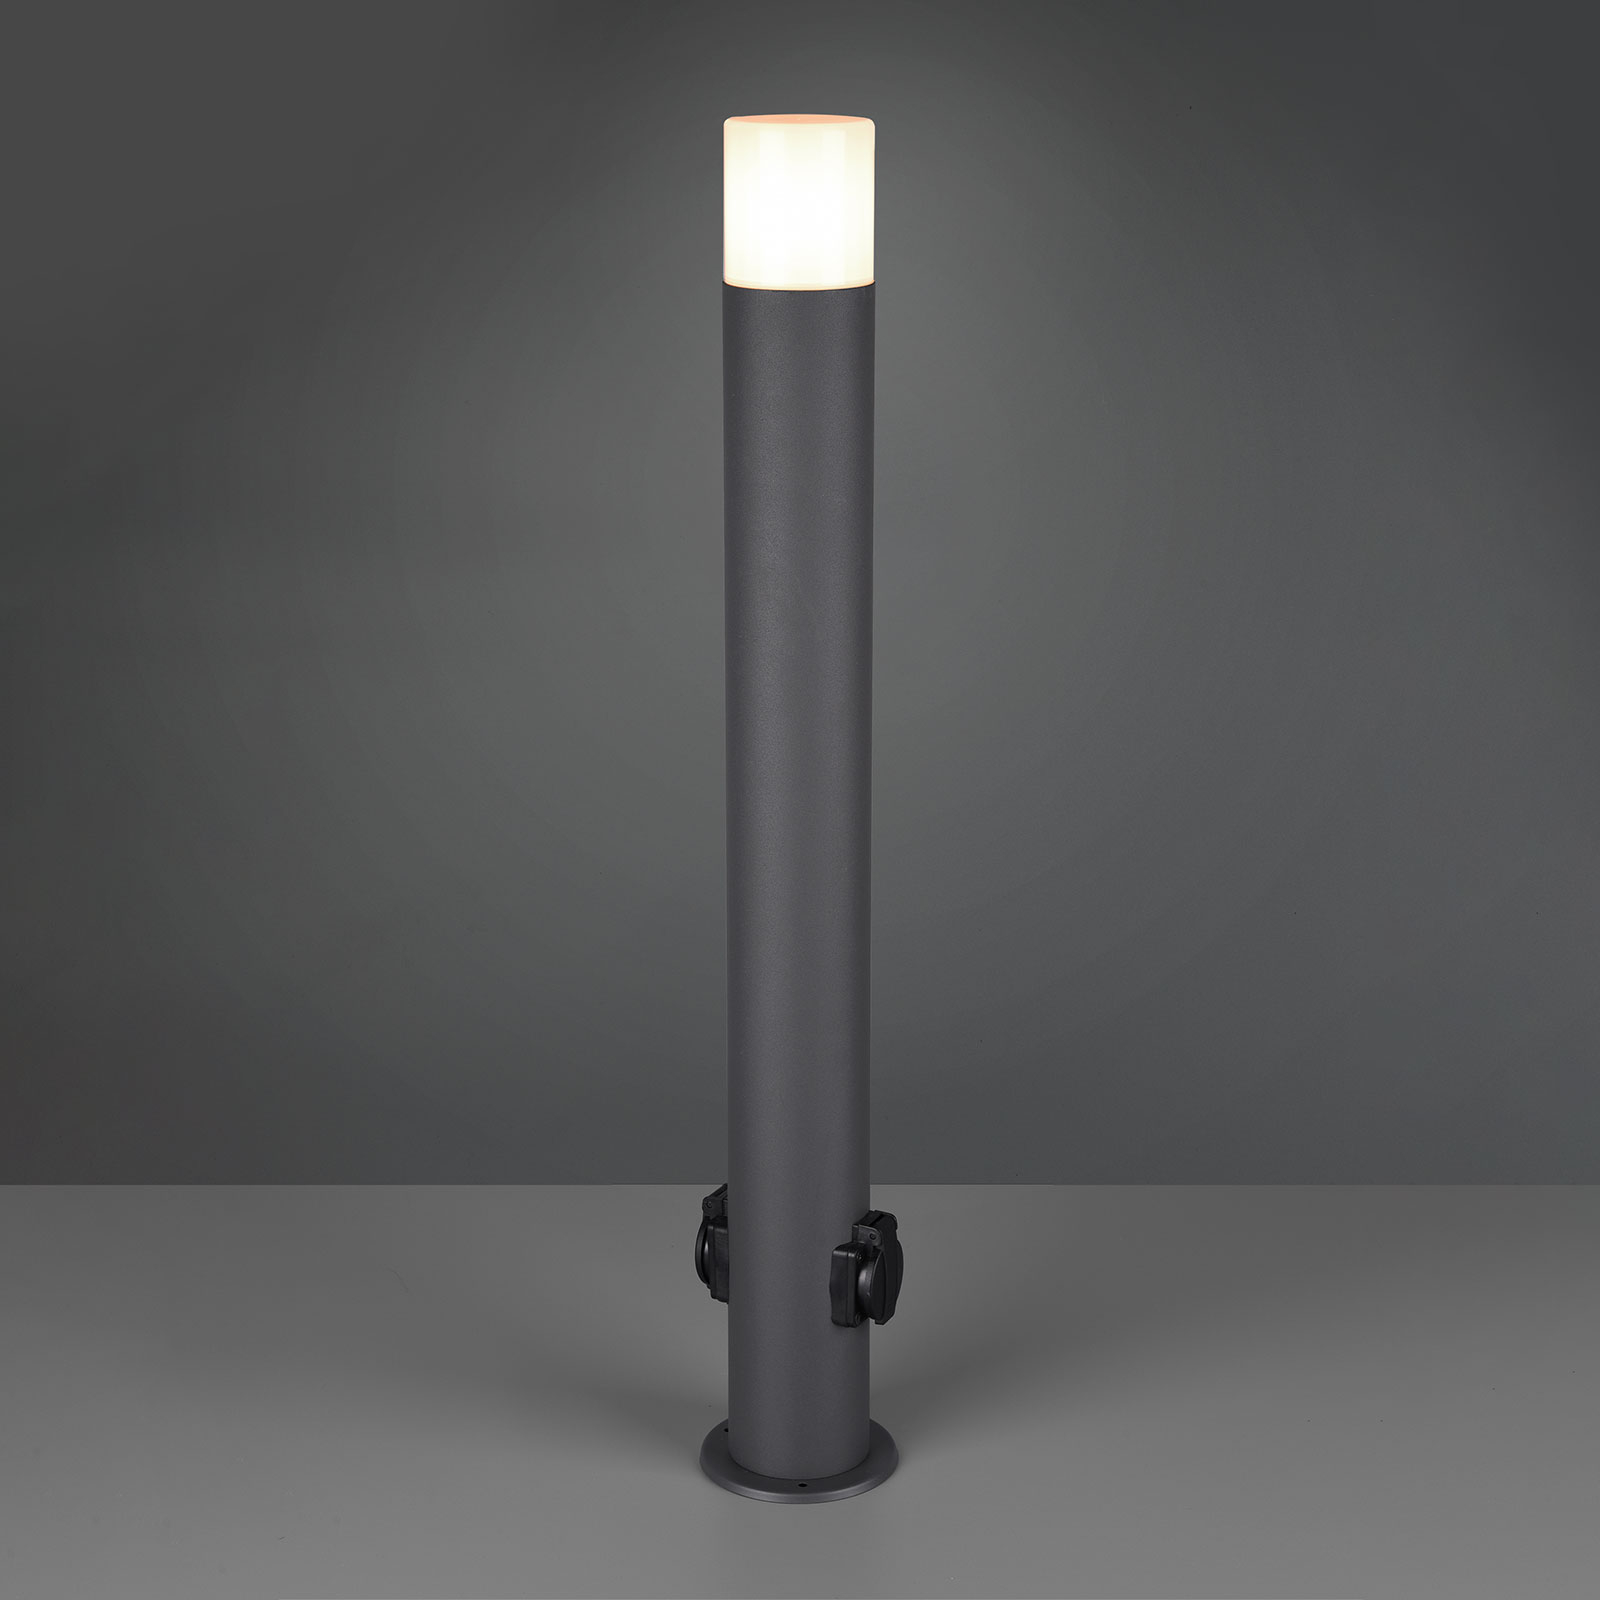 Hoosic gadelampe med stikkontakt, antracit